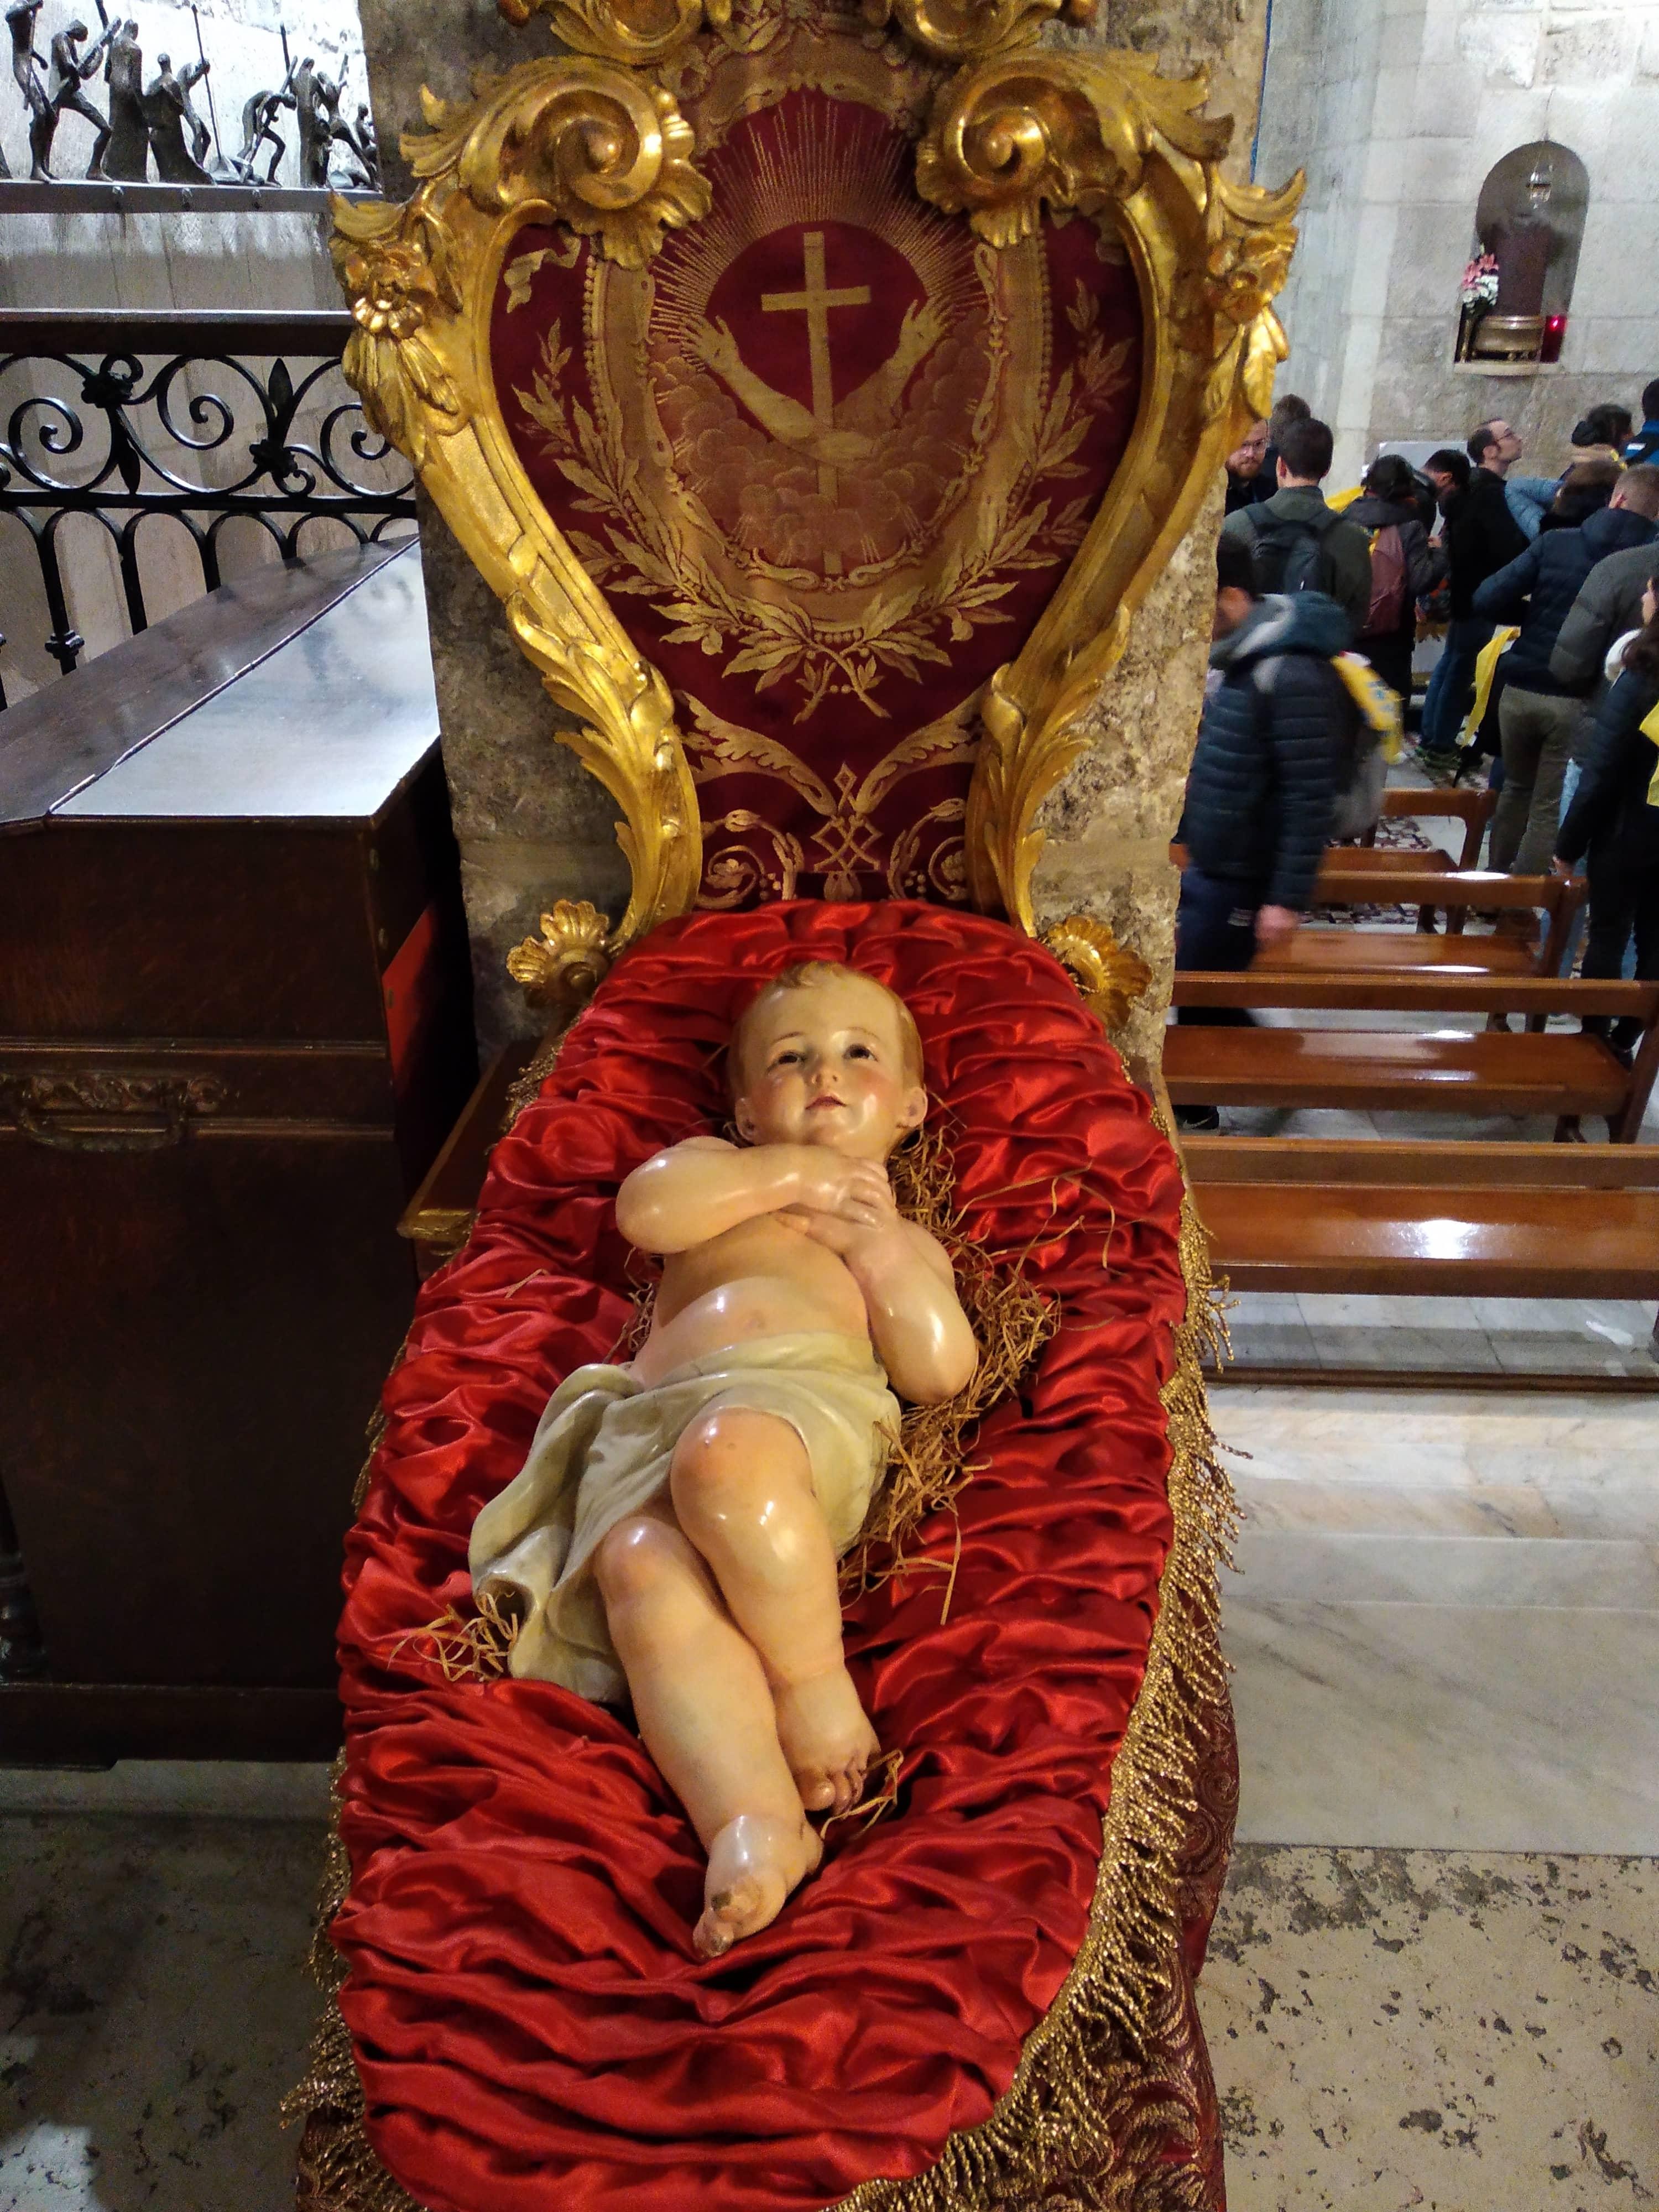 Statua Gesù Bambino all'interno della Basilica del Santo Sepolcro (Gerusalemme)